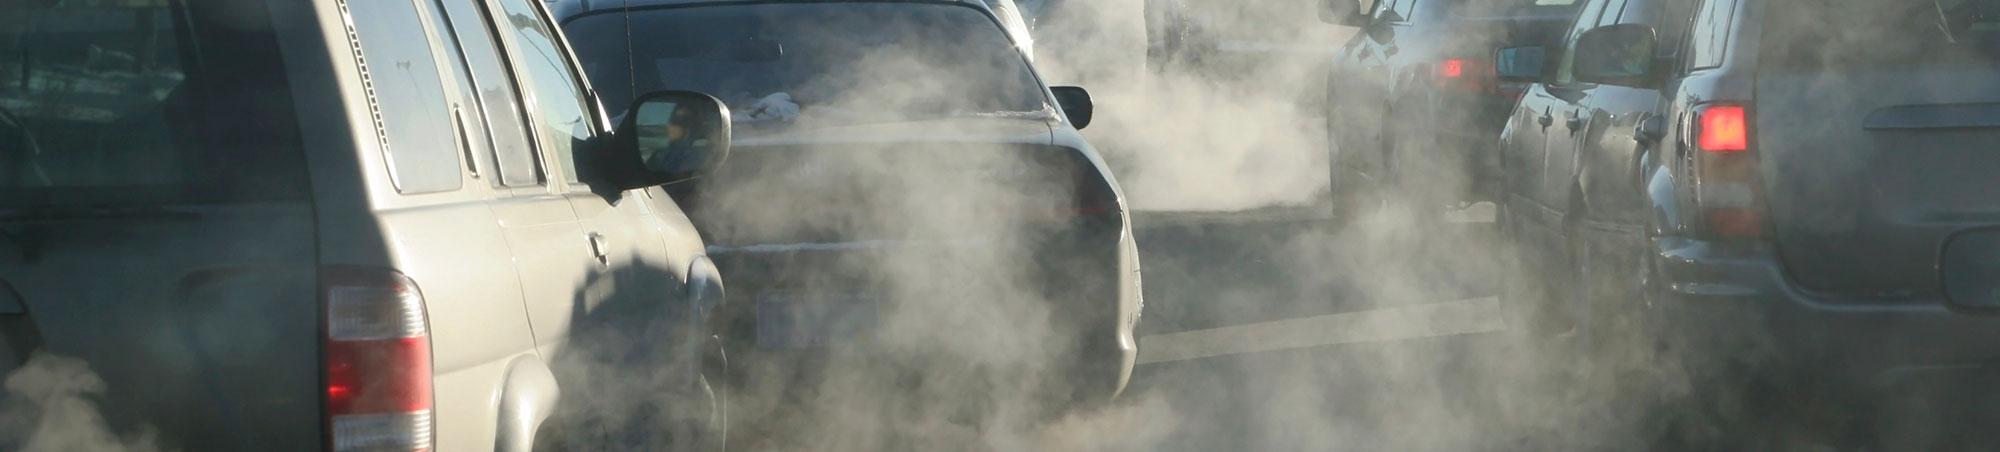 L'inquinamento atmosferico e la mobilità sostenibile: ecco i fatti